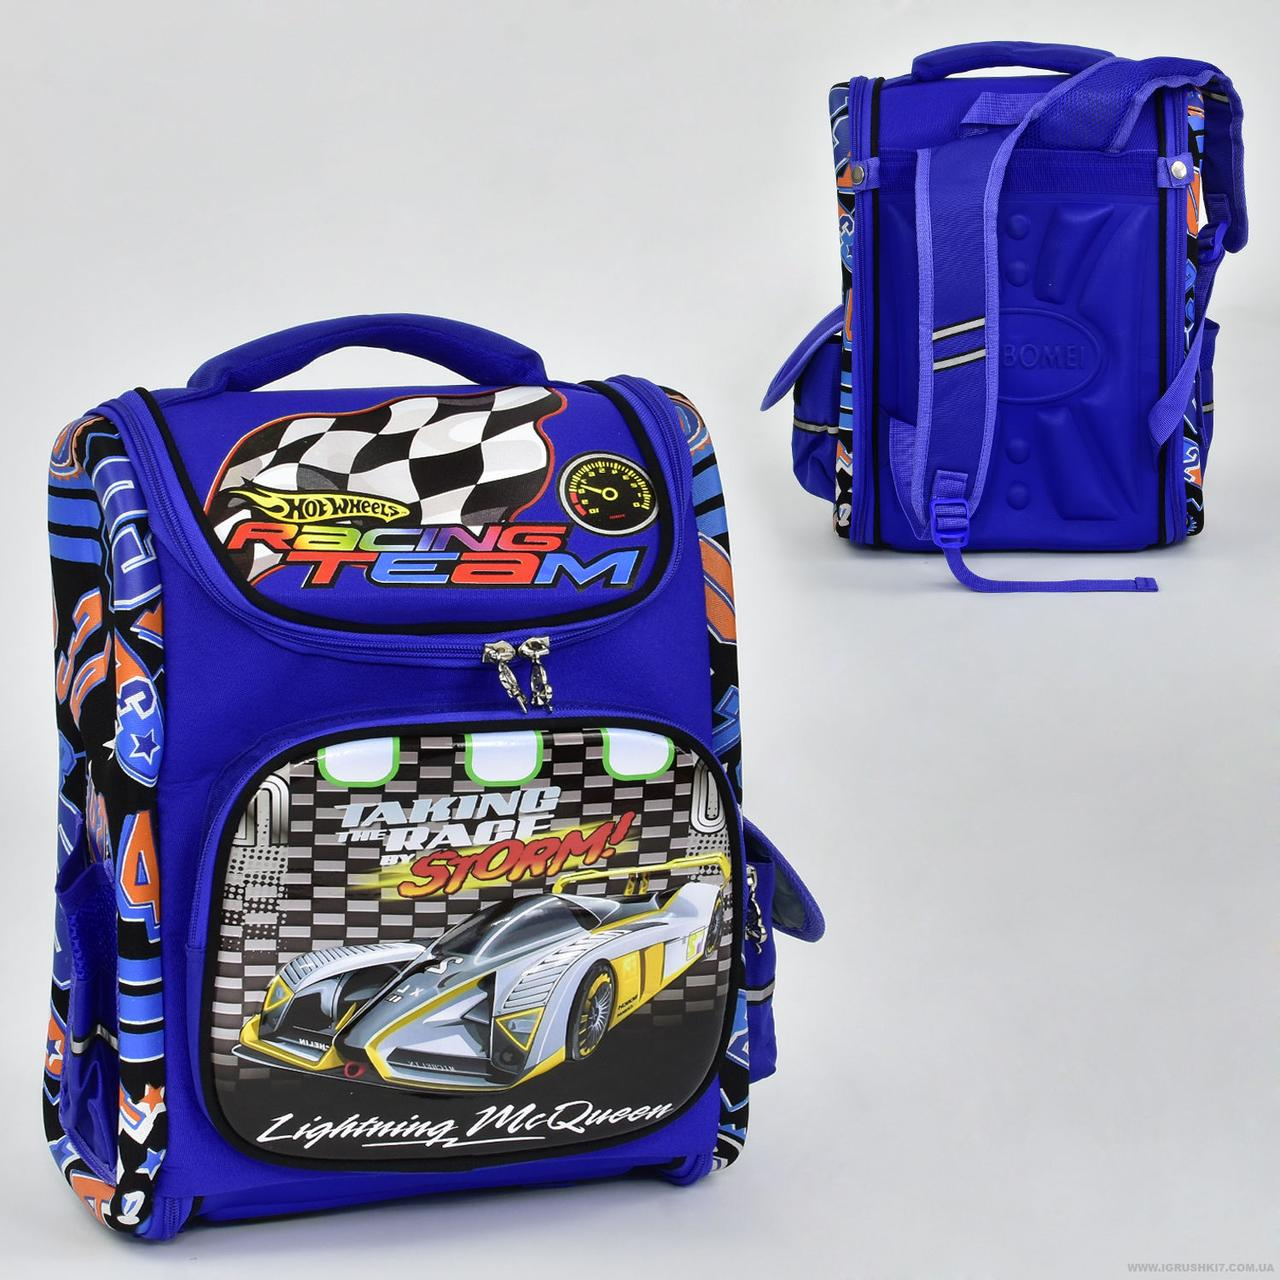 Рюкзак школьный каркасный N 00131, 1 отделение, 3 кармана, спинка ортопедическая